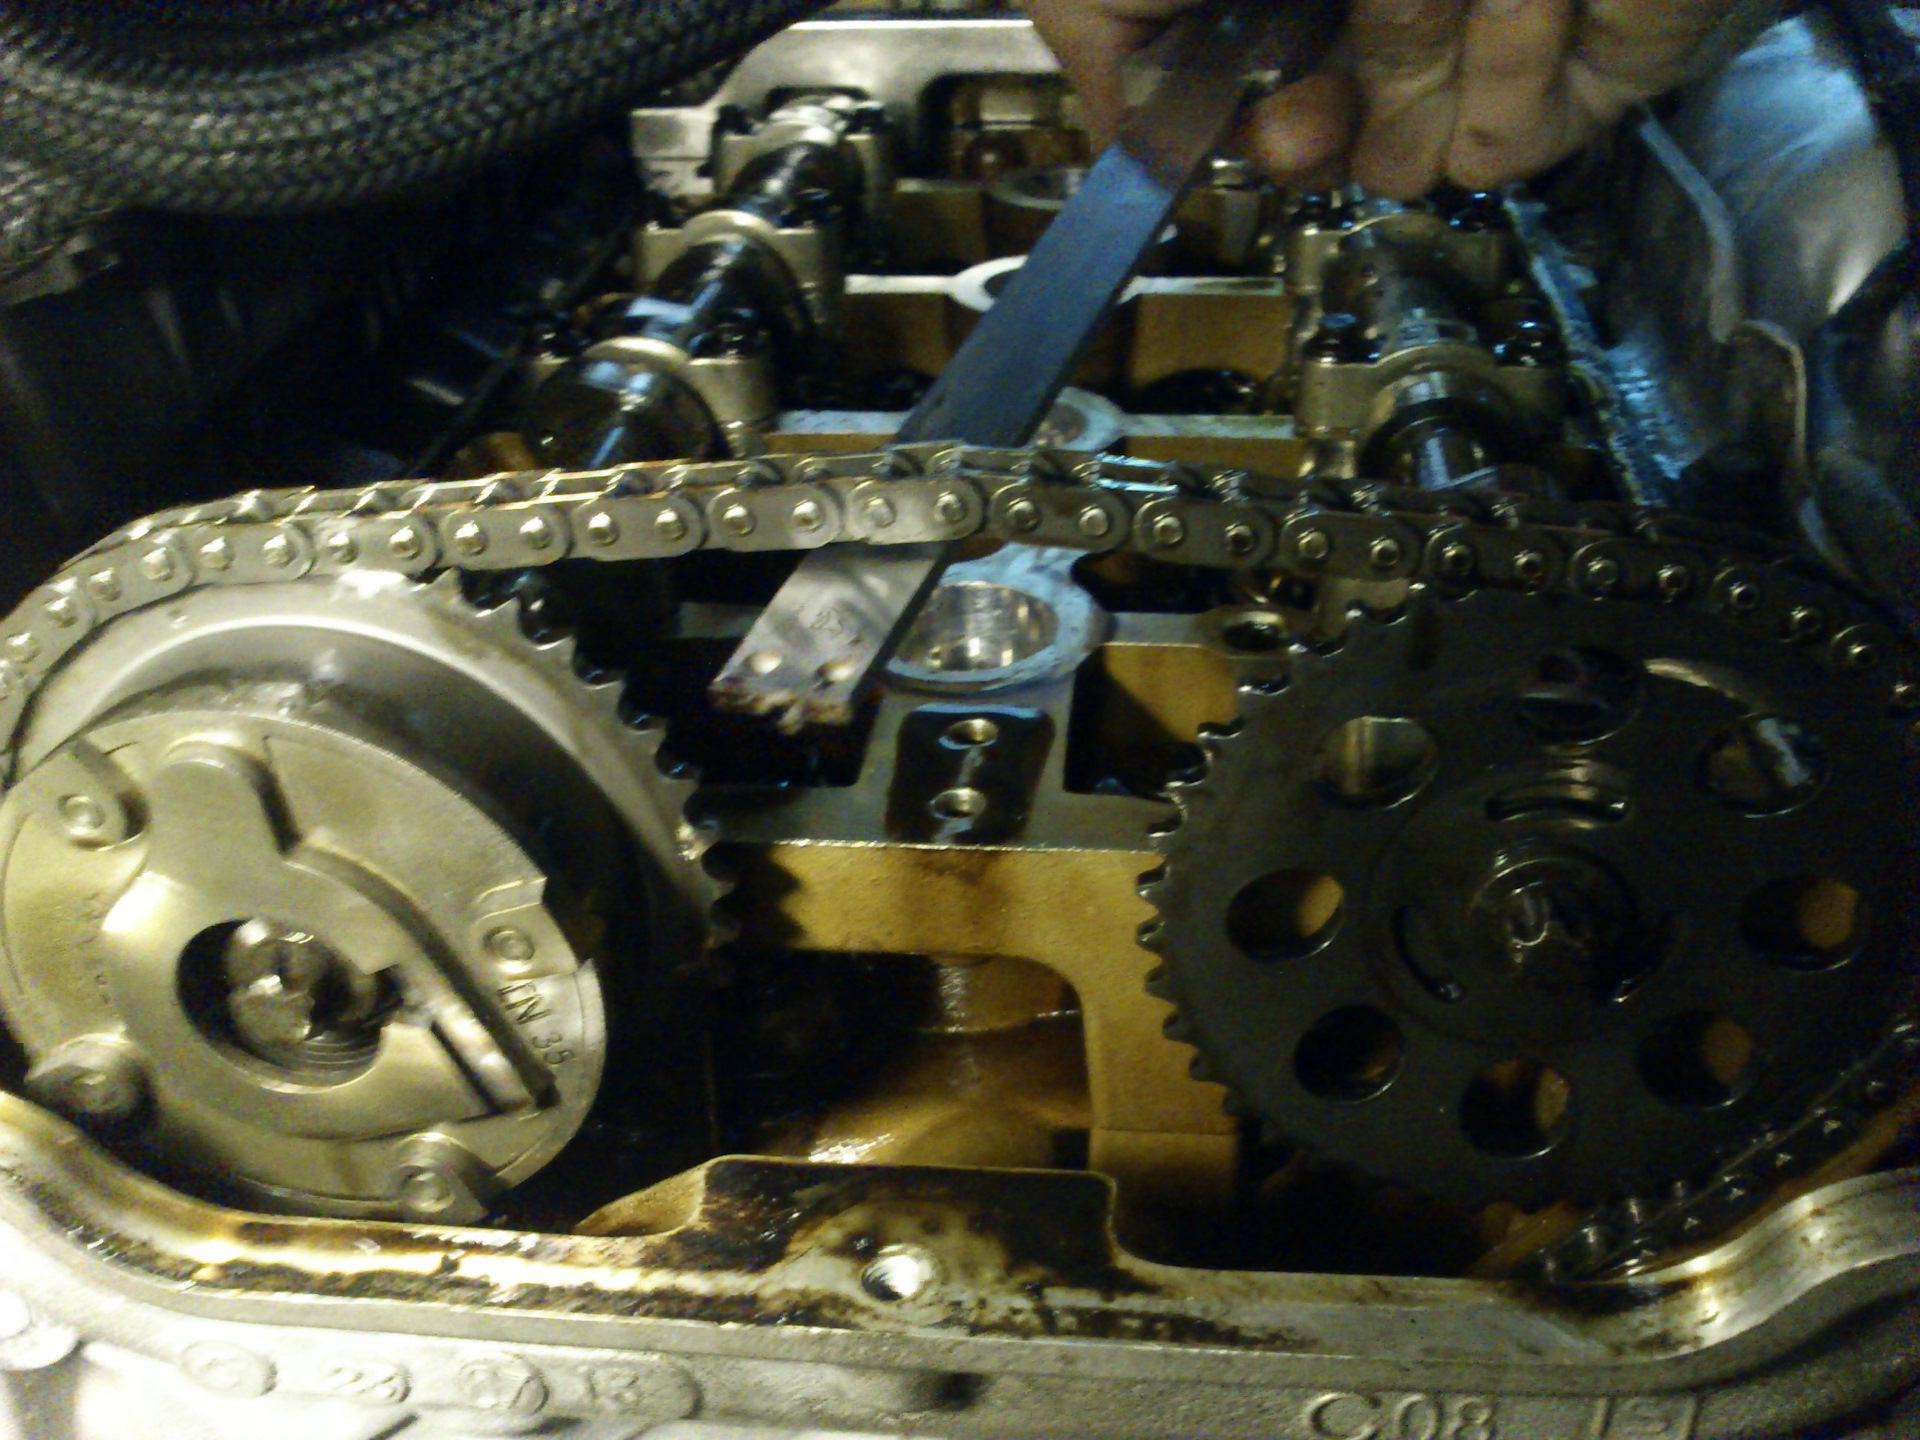 ошибка двигателя на холодную ситроен с5